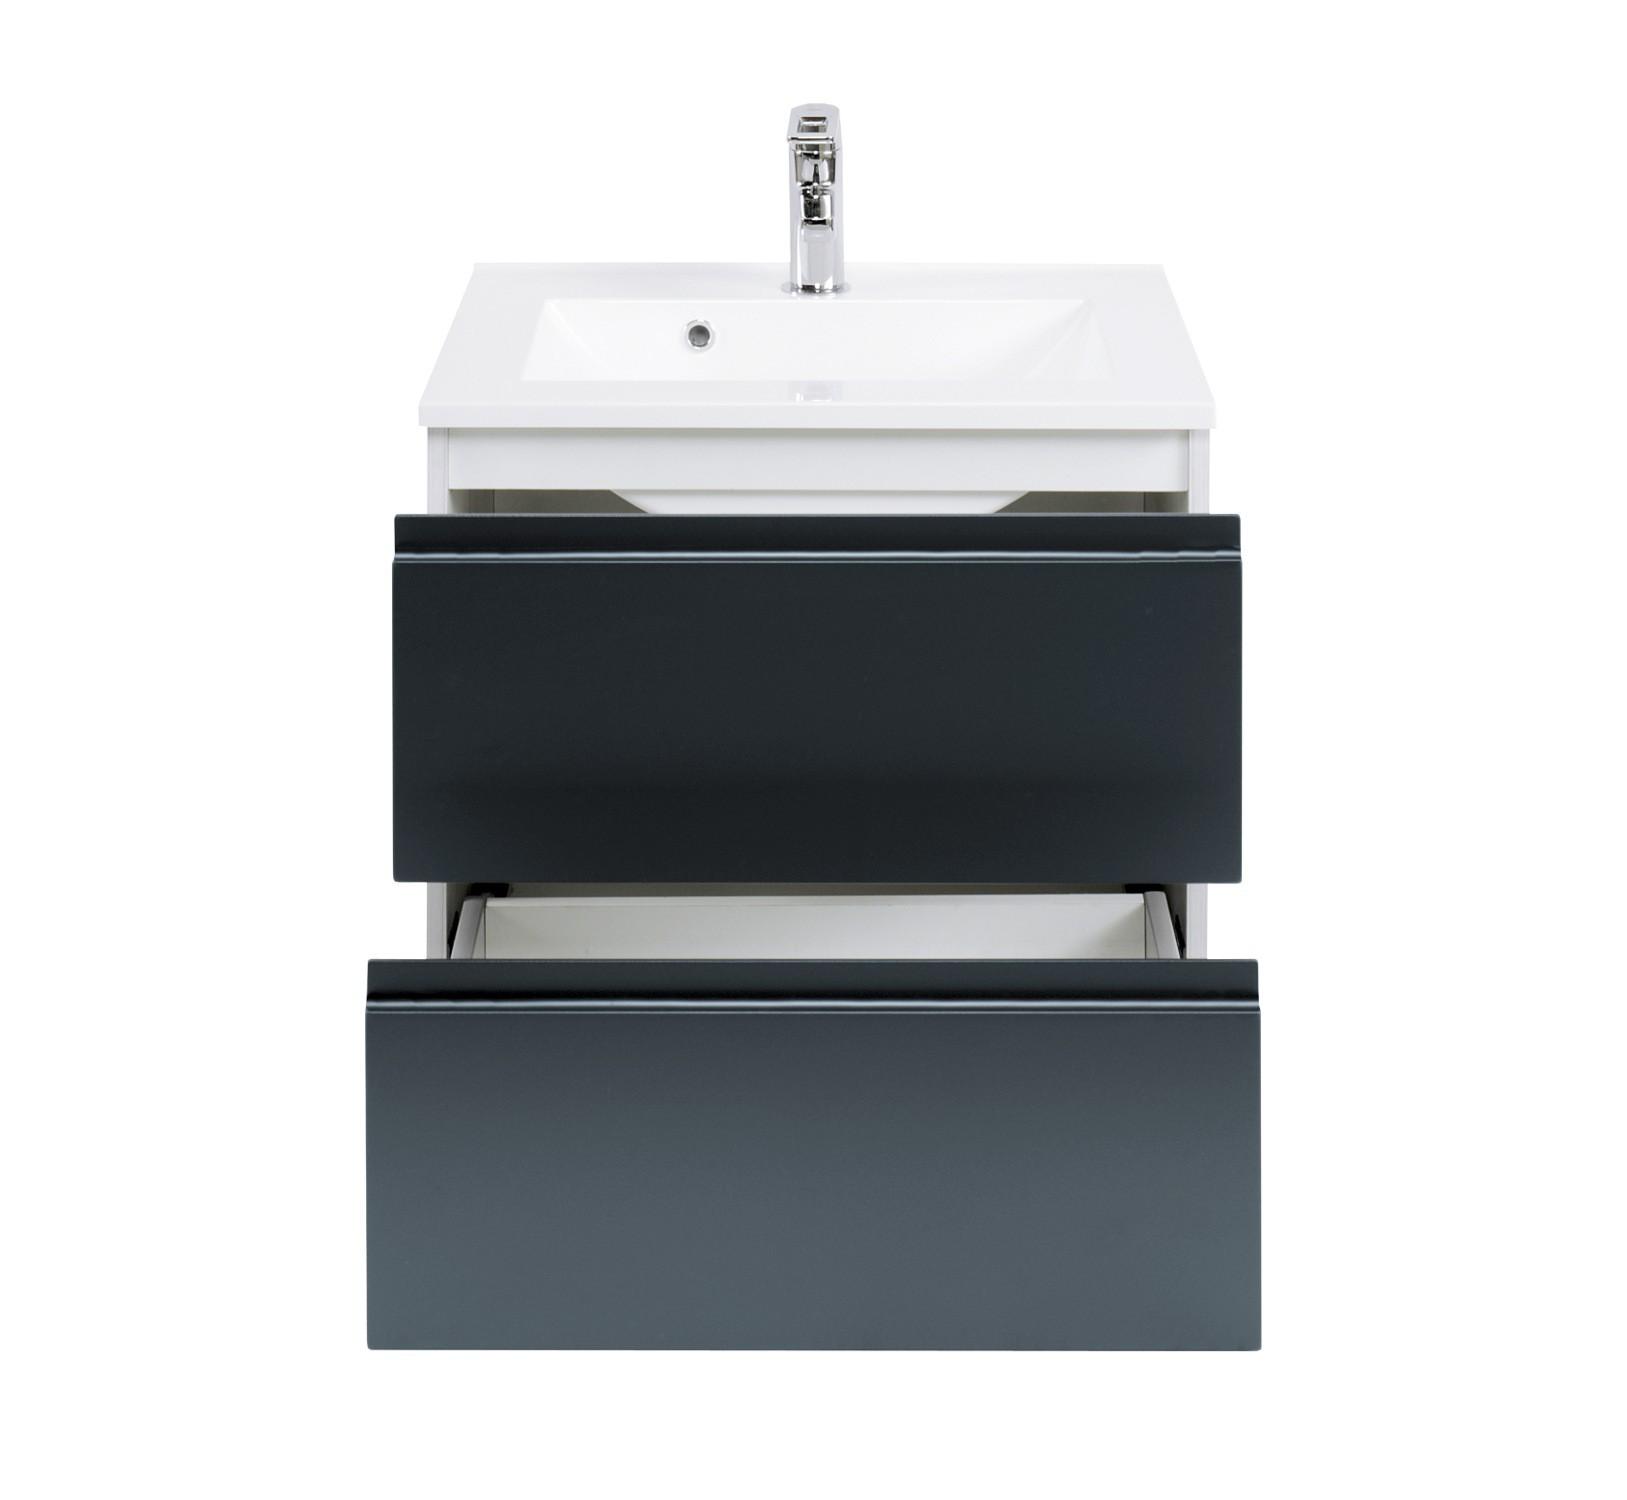 badm bel set cardiff mit waschtisch 7 teilig 140 cm breit stahlgrau metallic bad. Black Bedroom Furniture Sets. Home Design Ideas